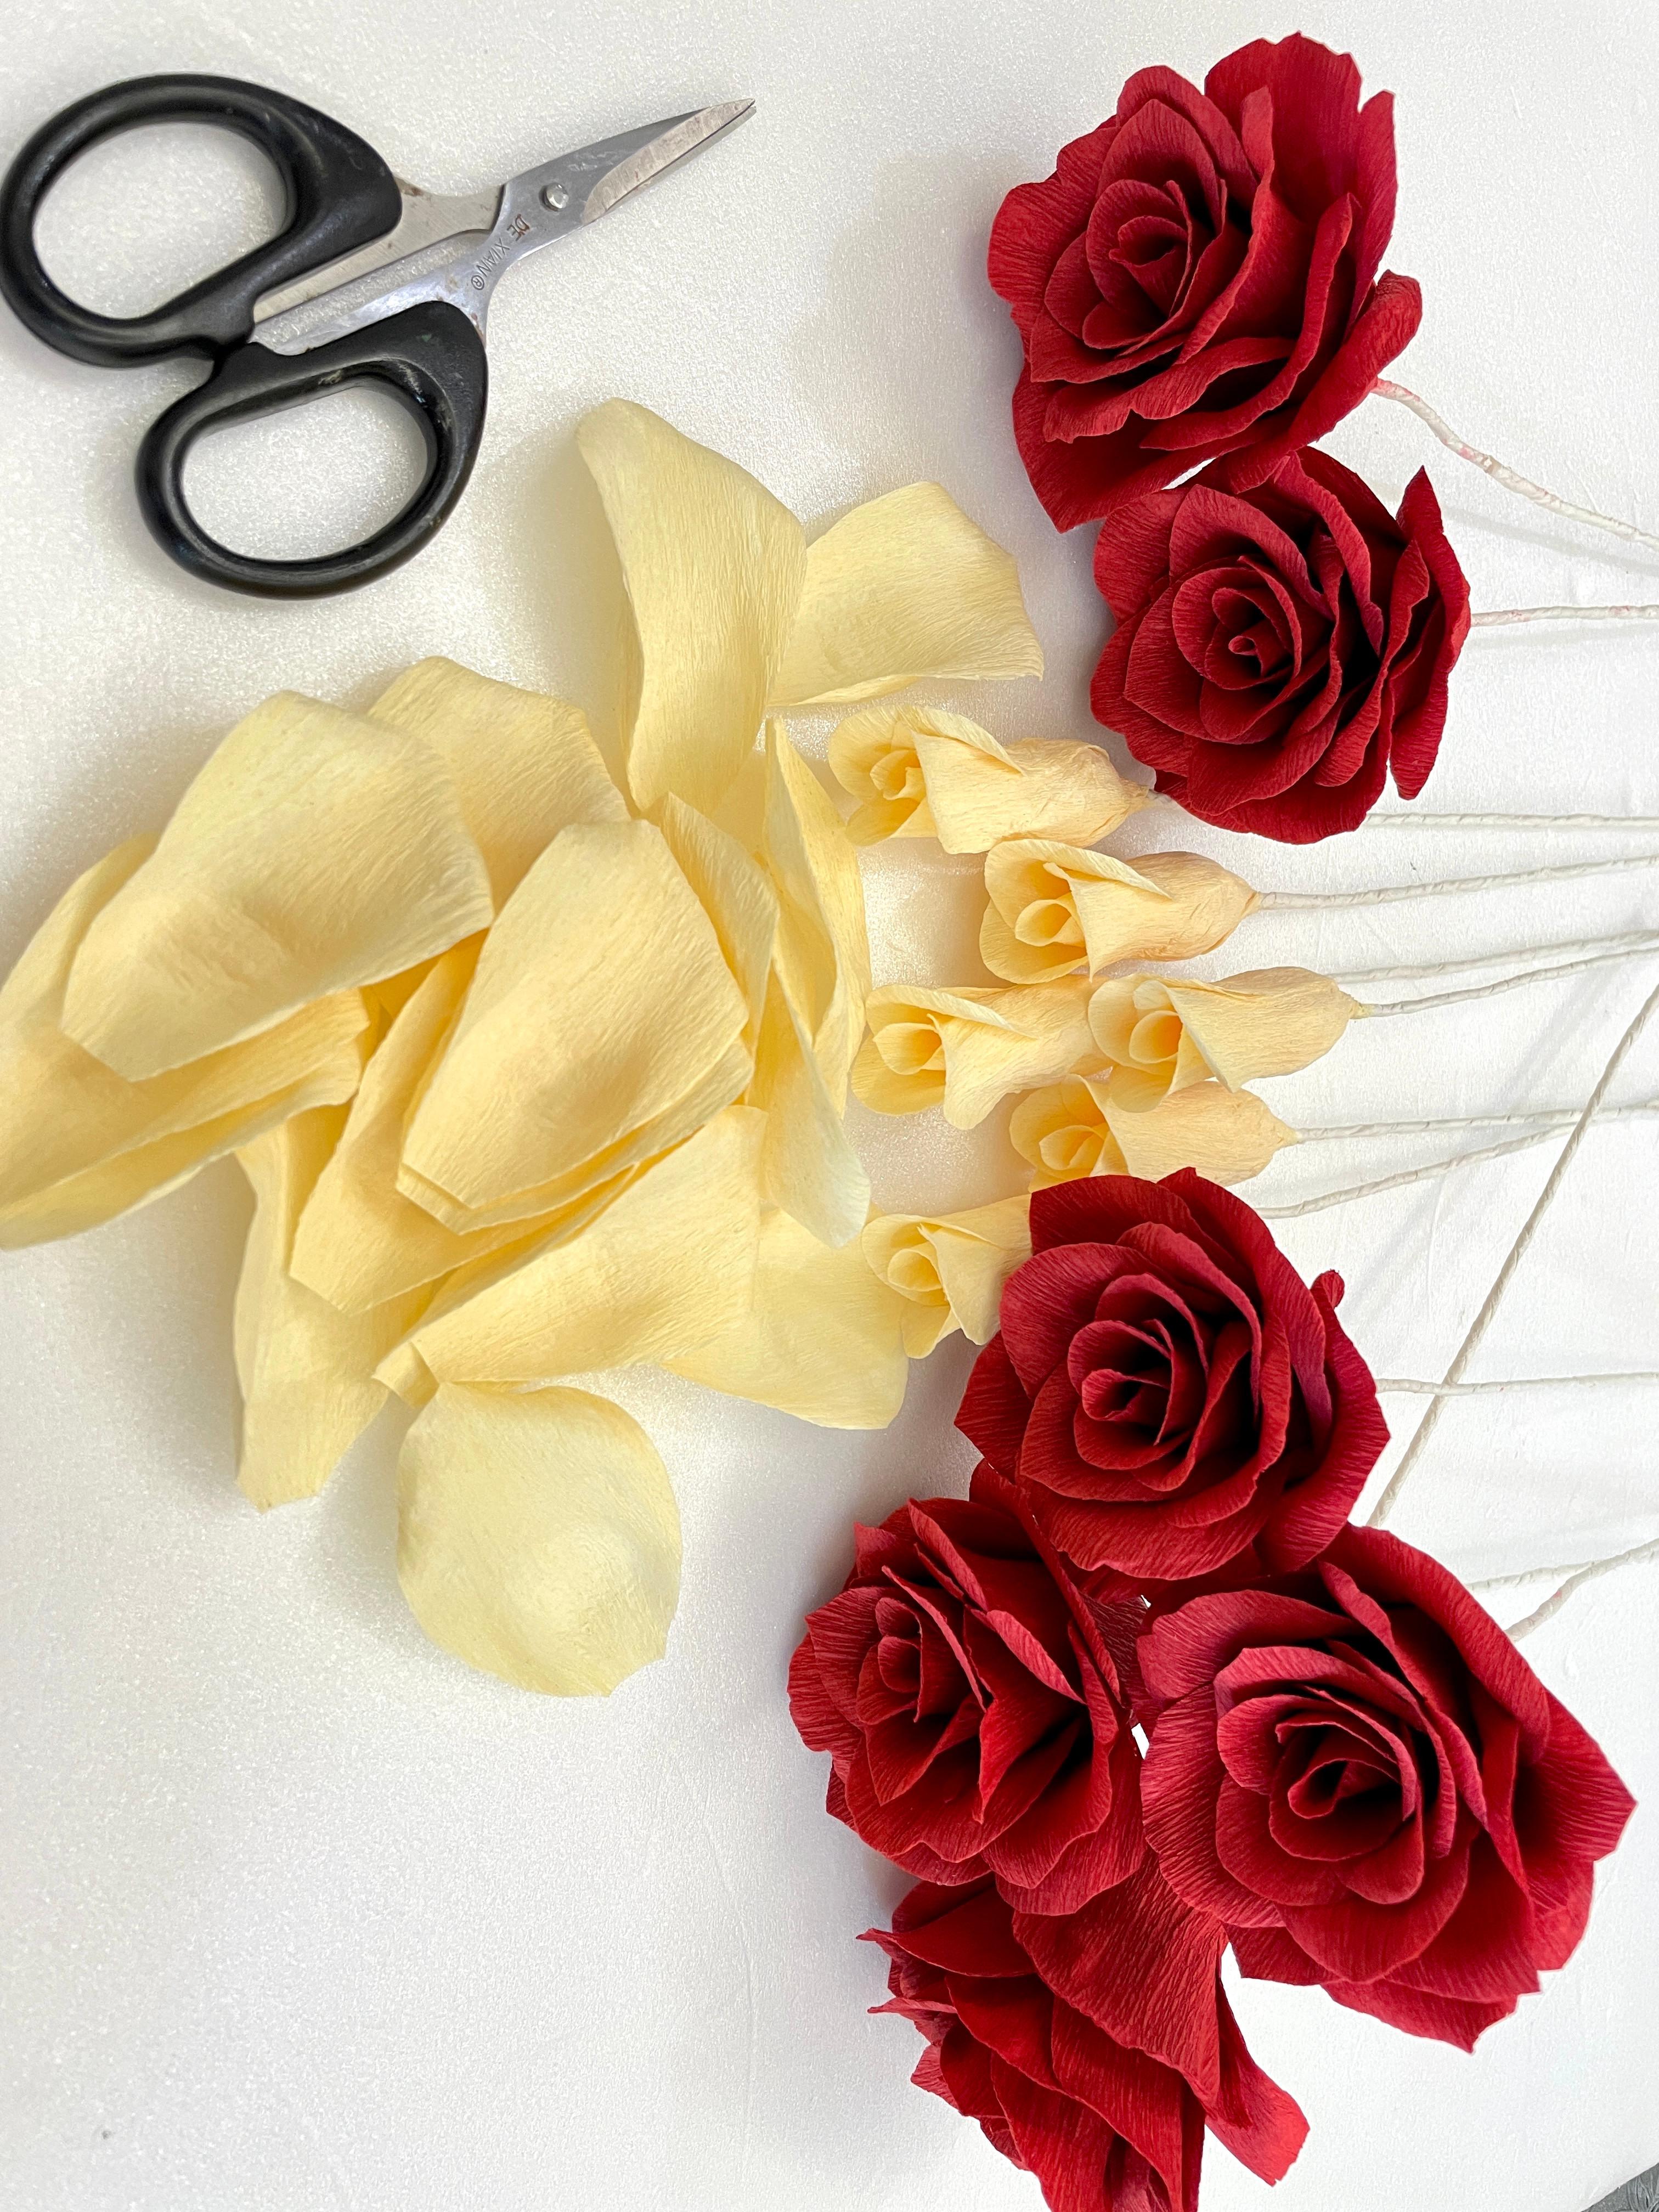 Workshop for crepe paper Roses